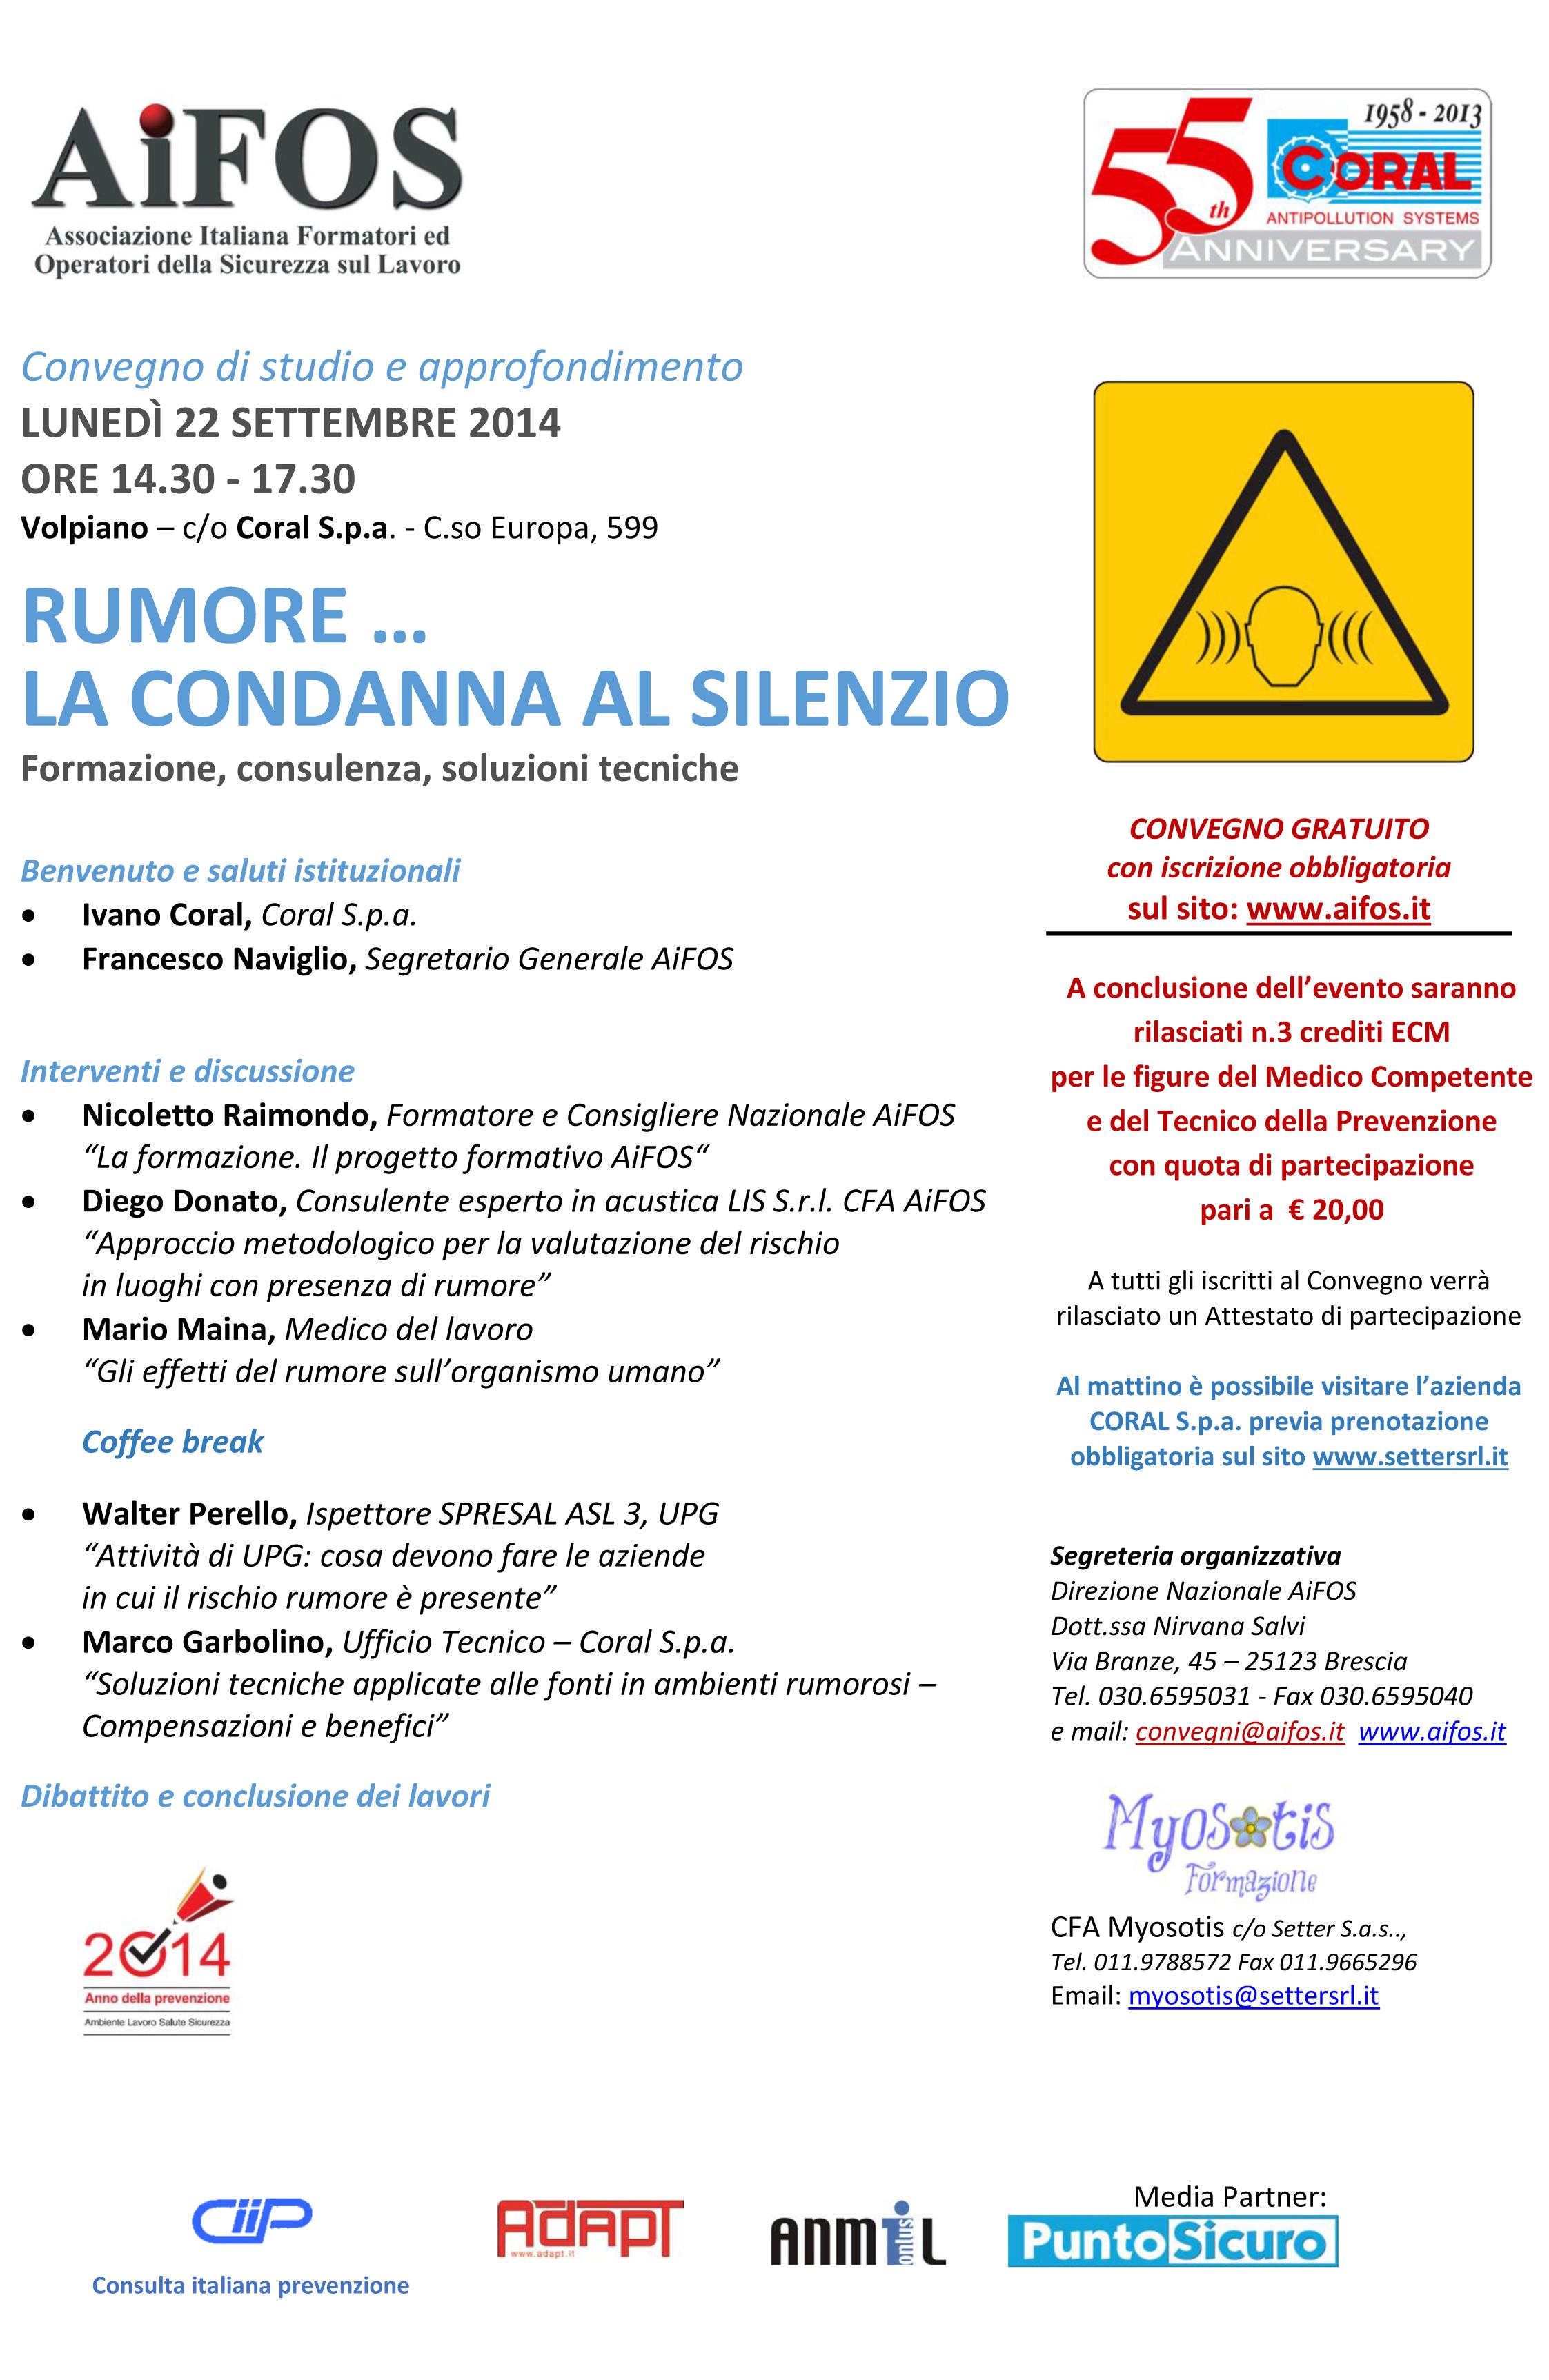 09_2014-CONVEGNO-RUMORE